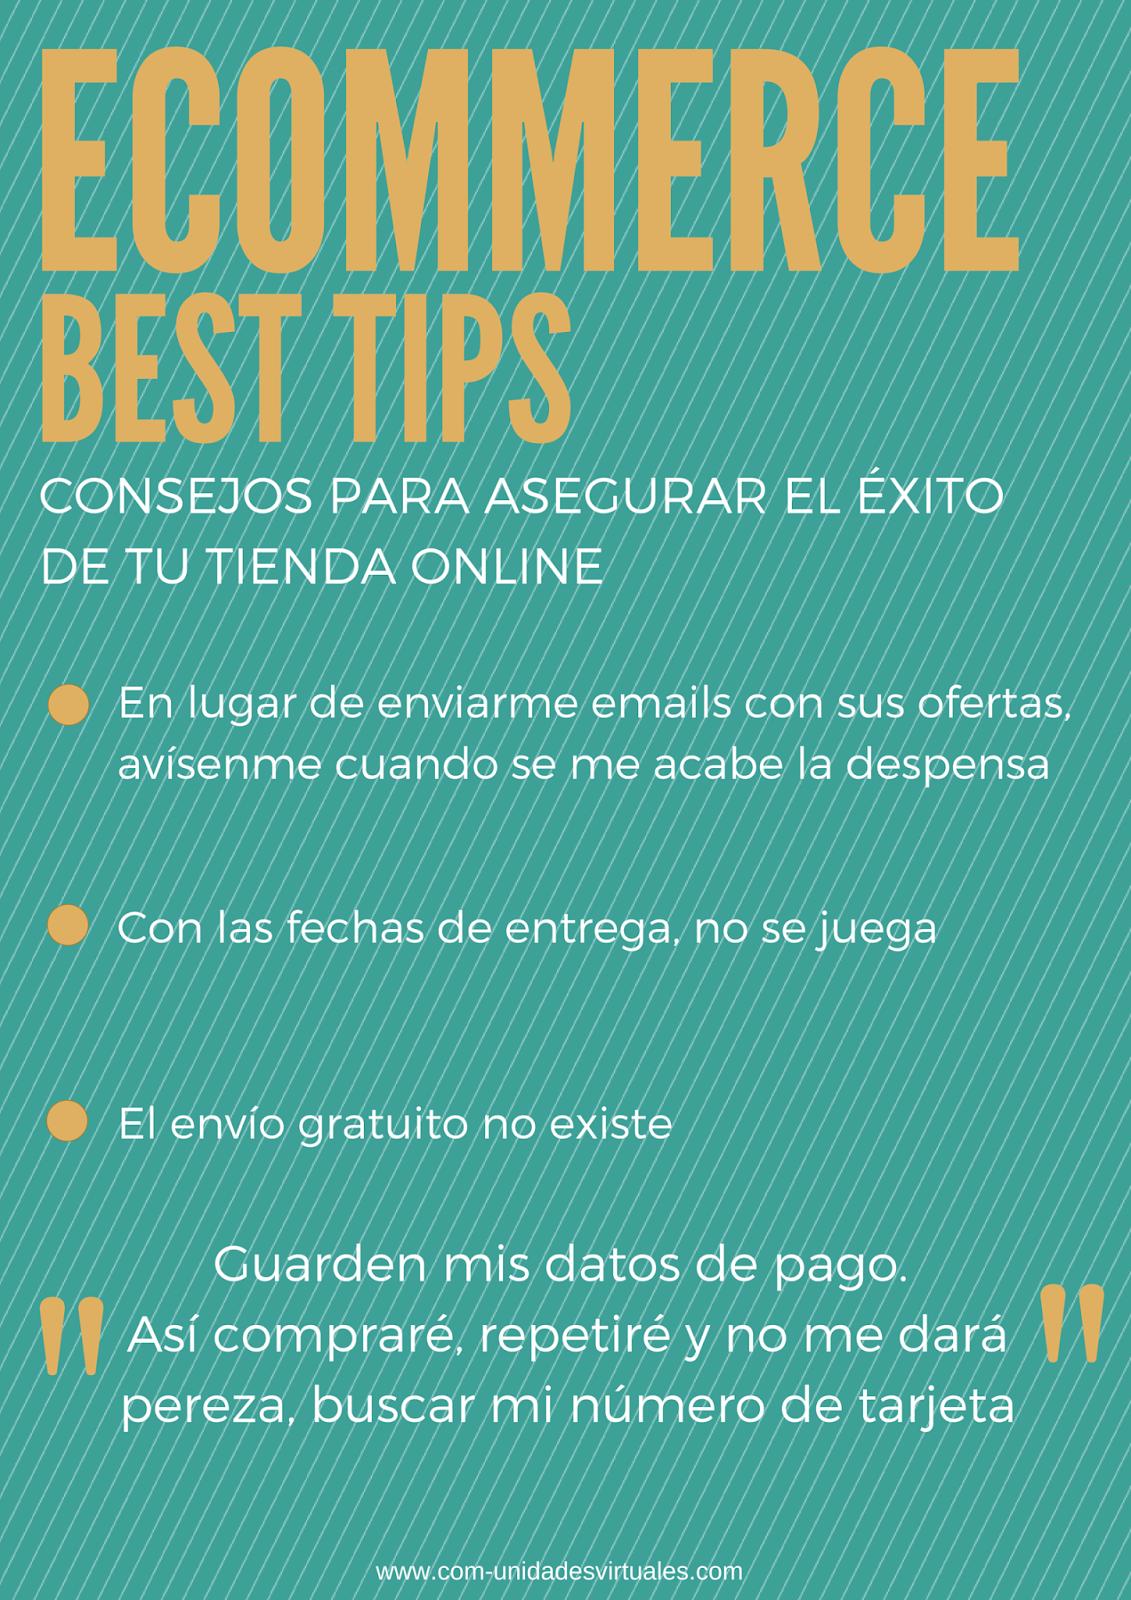 Los mejores tips para asegurar el éxito de tu tienda online